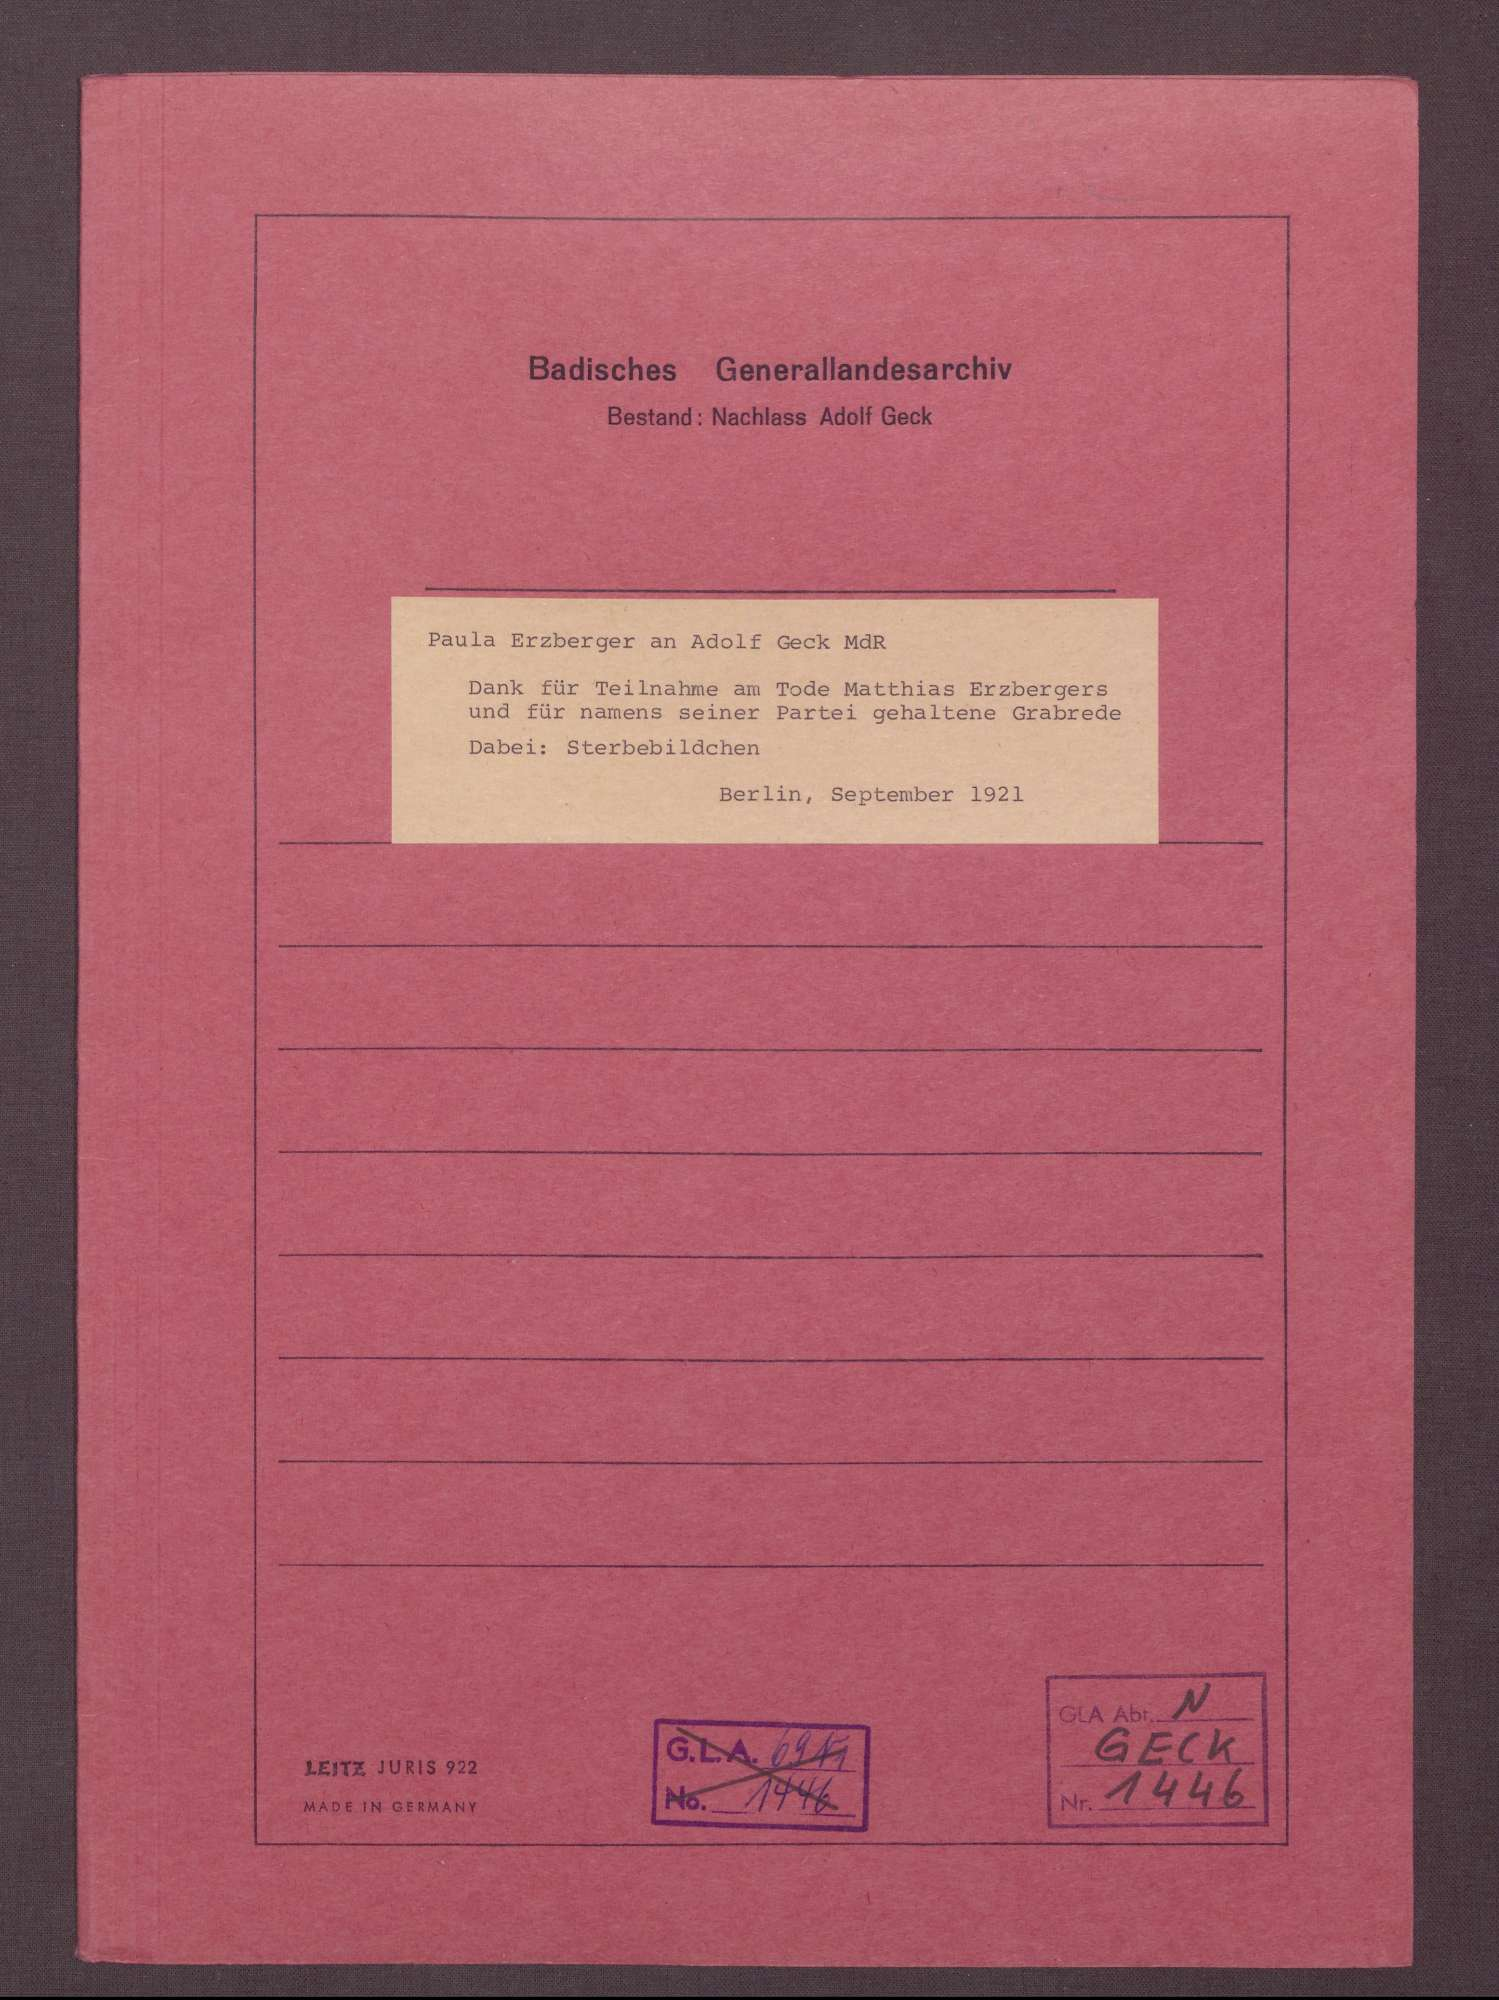 Paula Erzberger an Adolf Geck: Dank für Teilnahme am Tode von Matthias Erzbergers und für die im Namen seiner Partei gehaltene Grabrede, Berlin, 09.1921, Bild 1